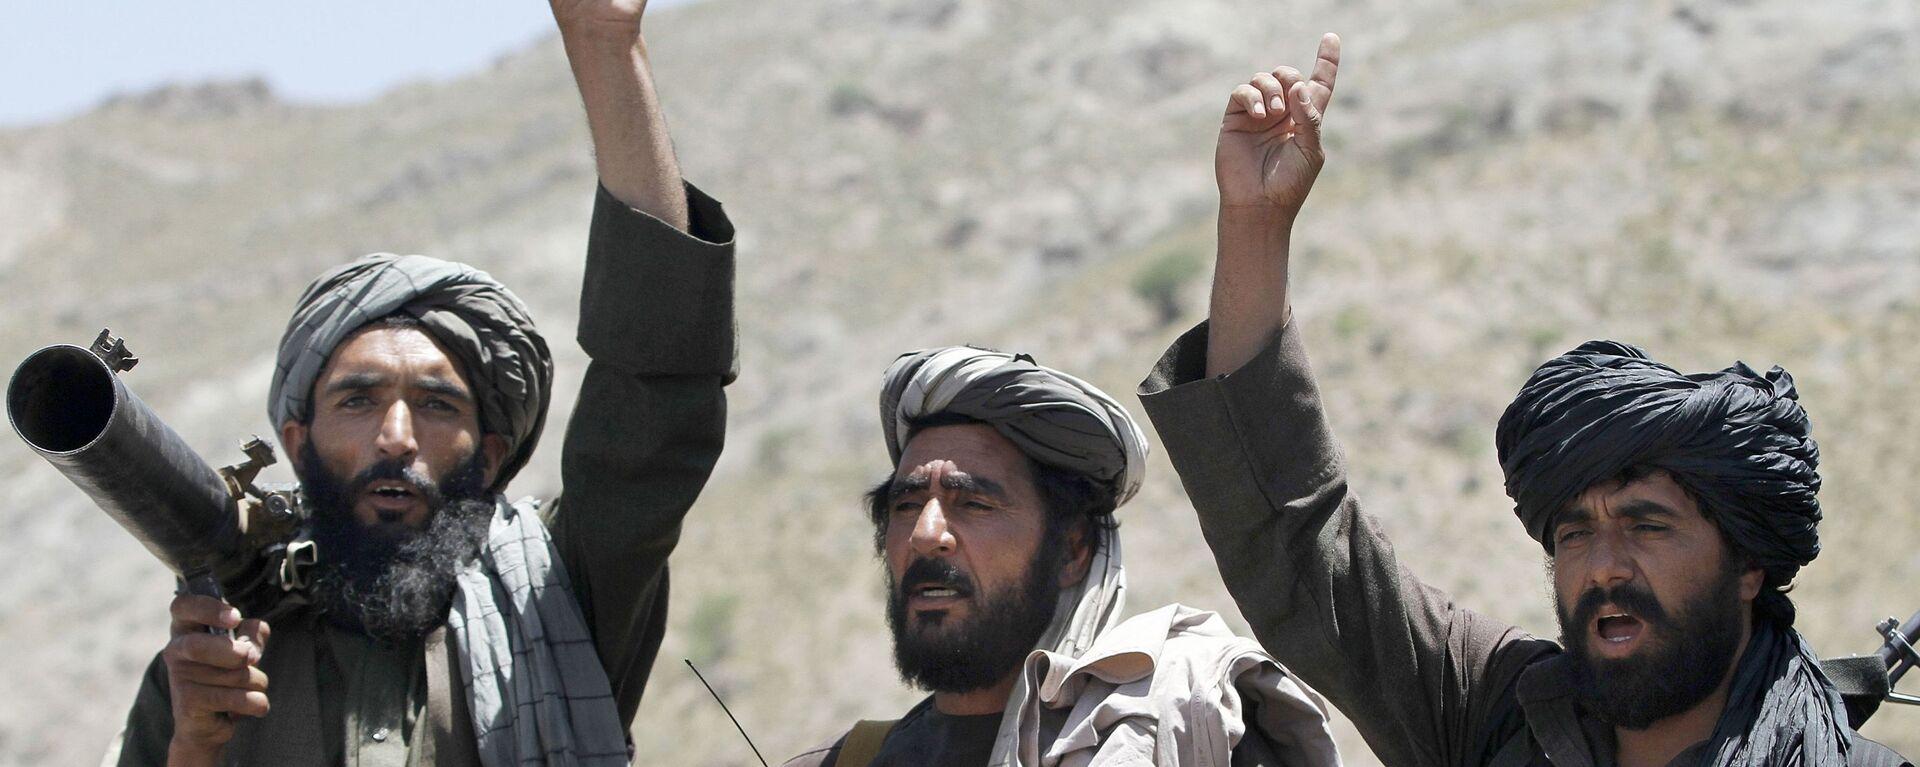 Боевики движения Талибан, архивное фото - Sputnik Таджикистан, 1920, 01.07.2021